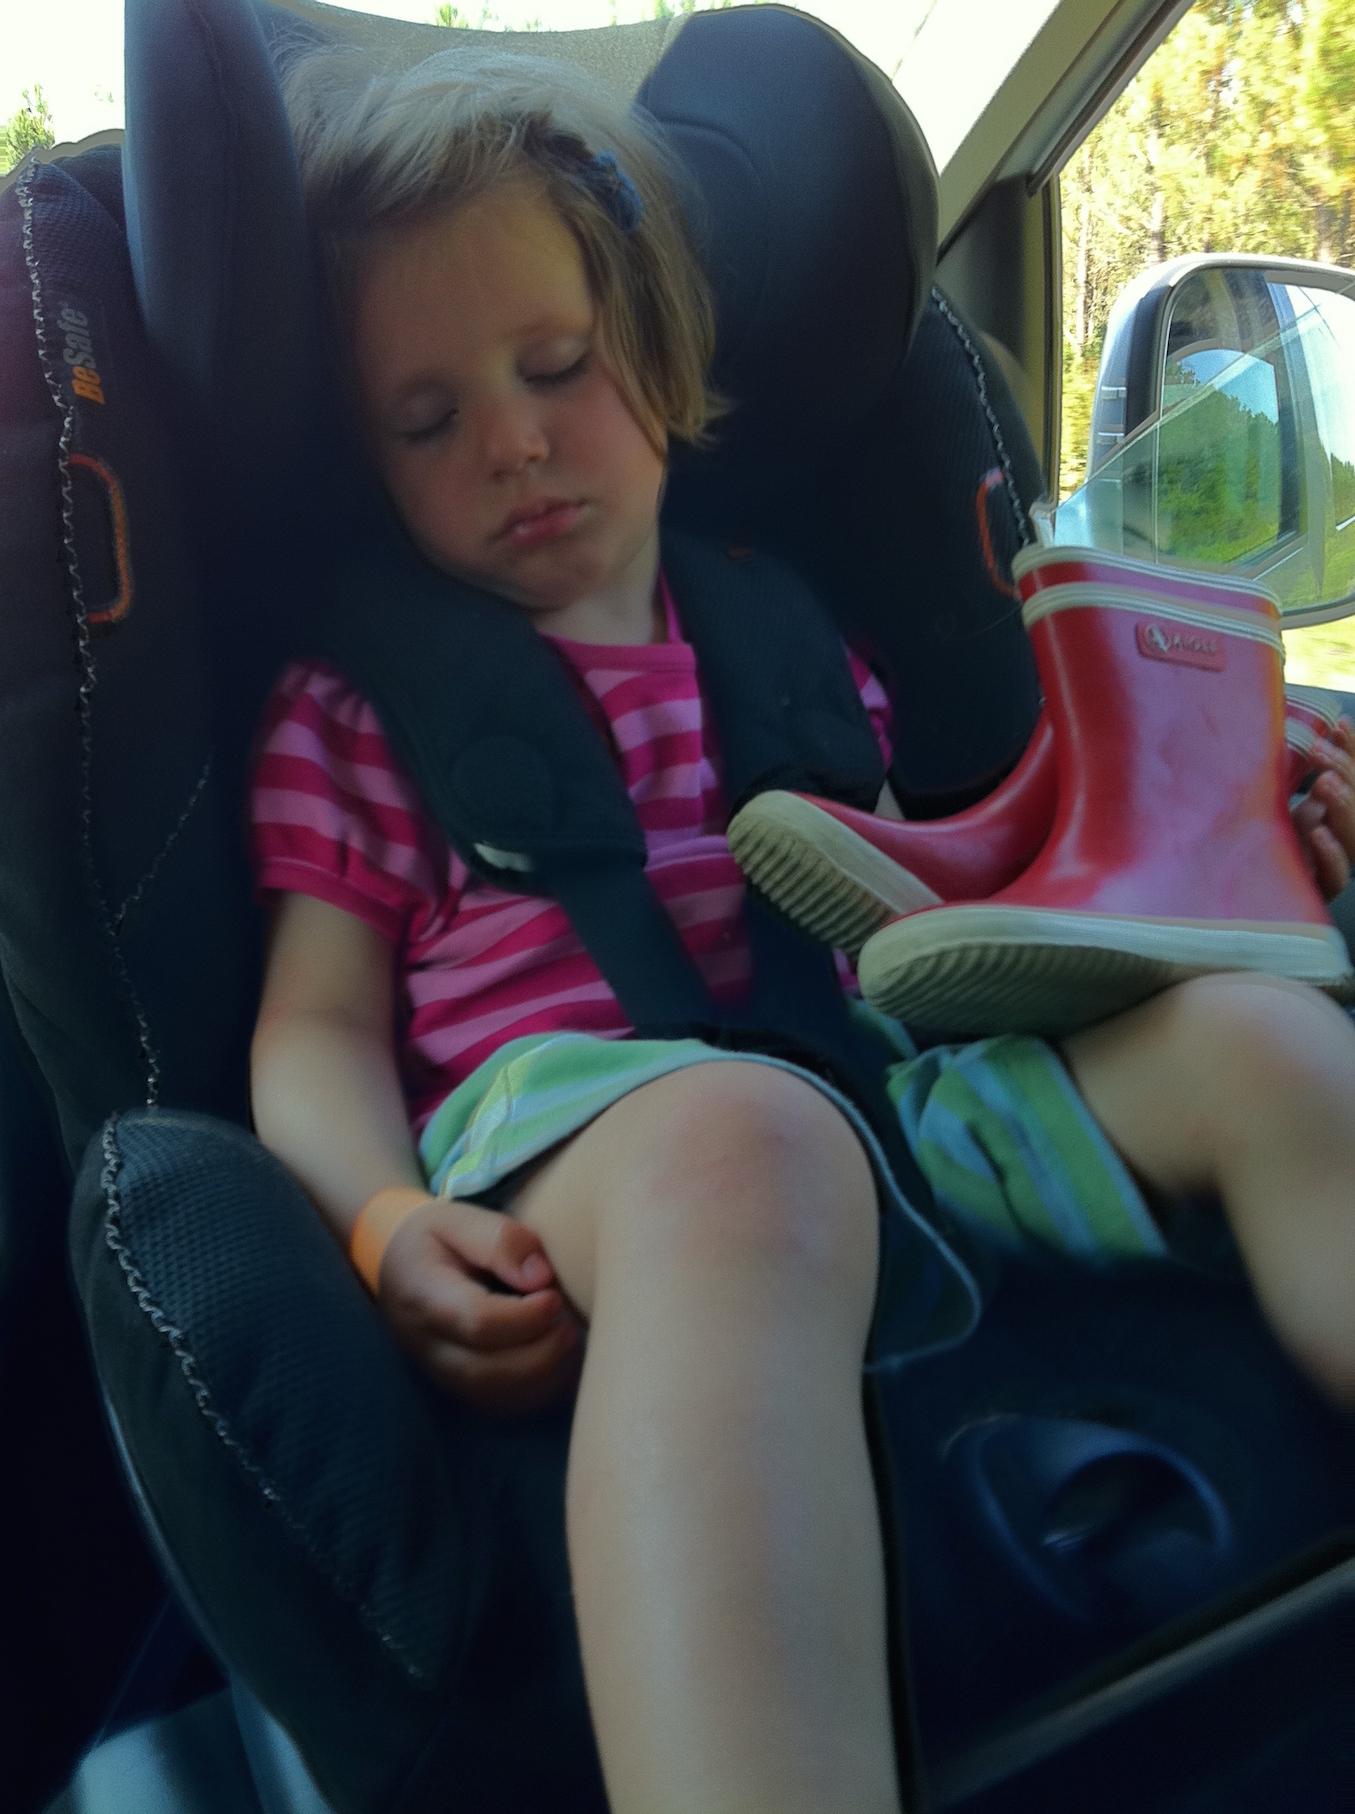 Ruheposition - wie sollte mein Kind sitzen?